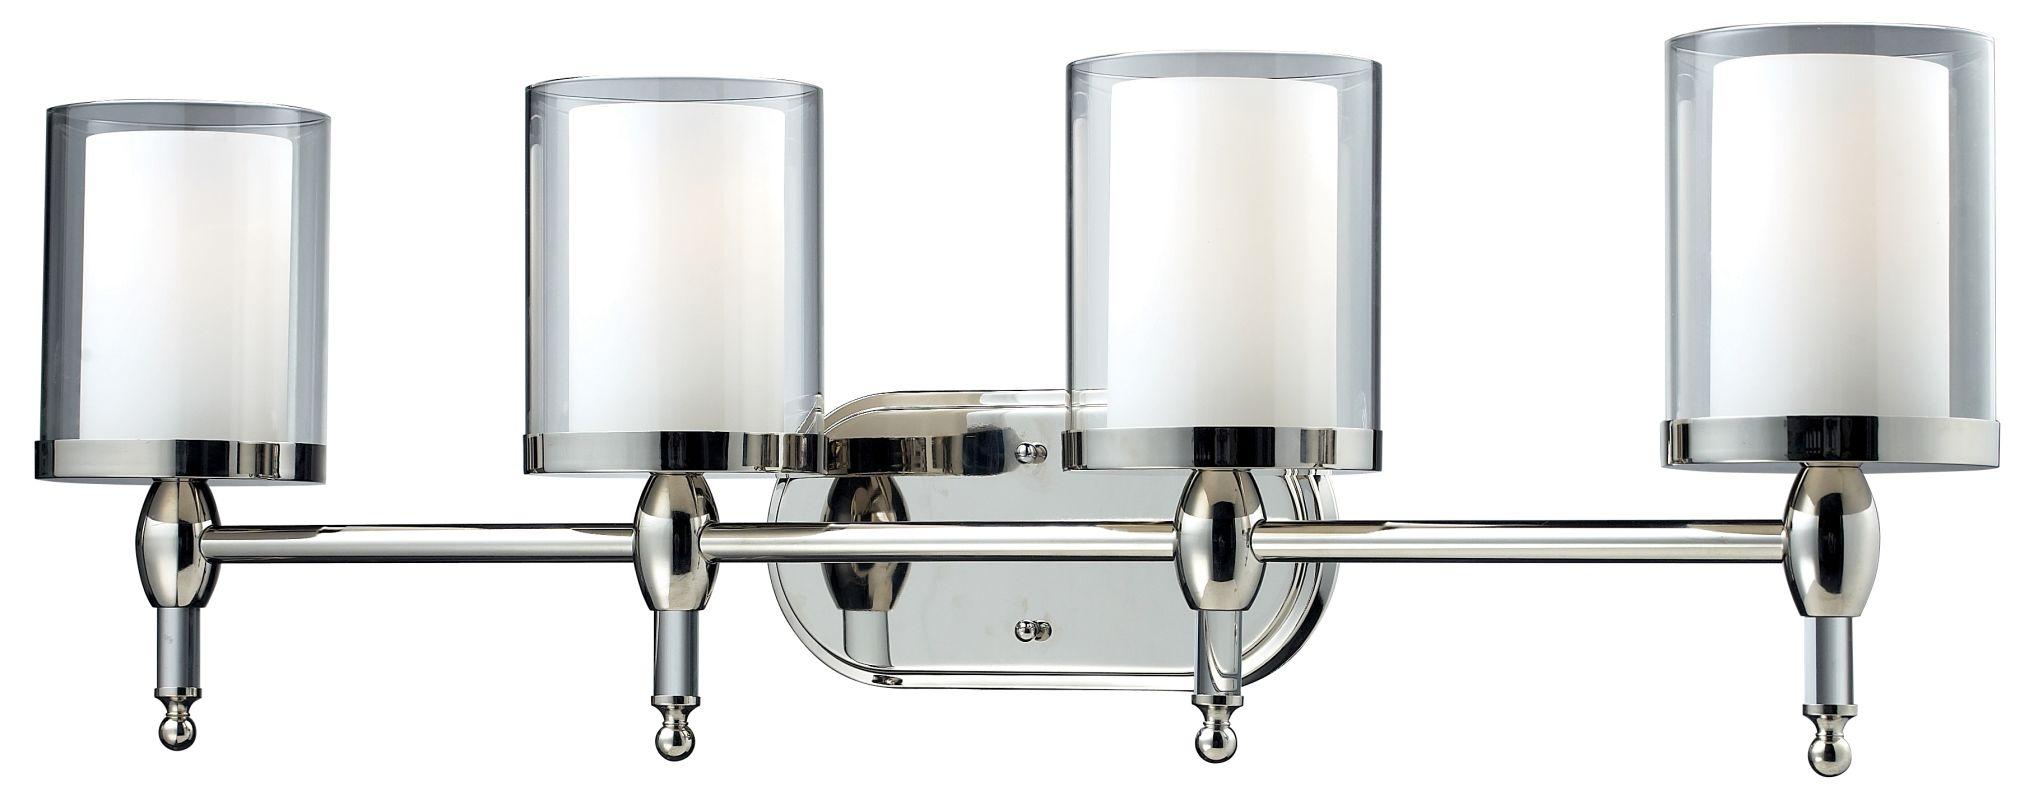 Z-Lite 1908-4V Argenta 4 Light Bathroom Vanity Light with Matte Opal